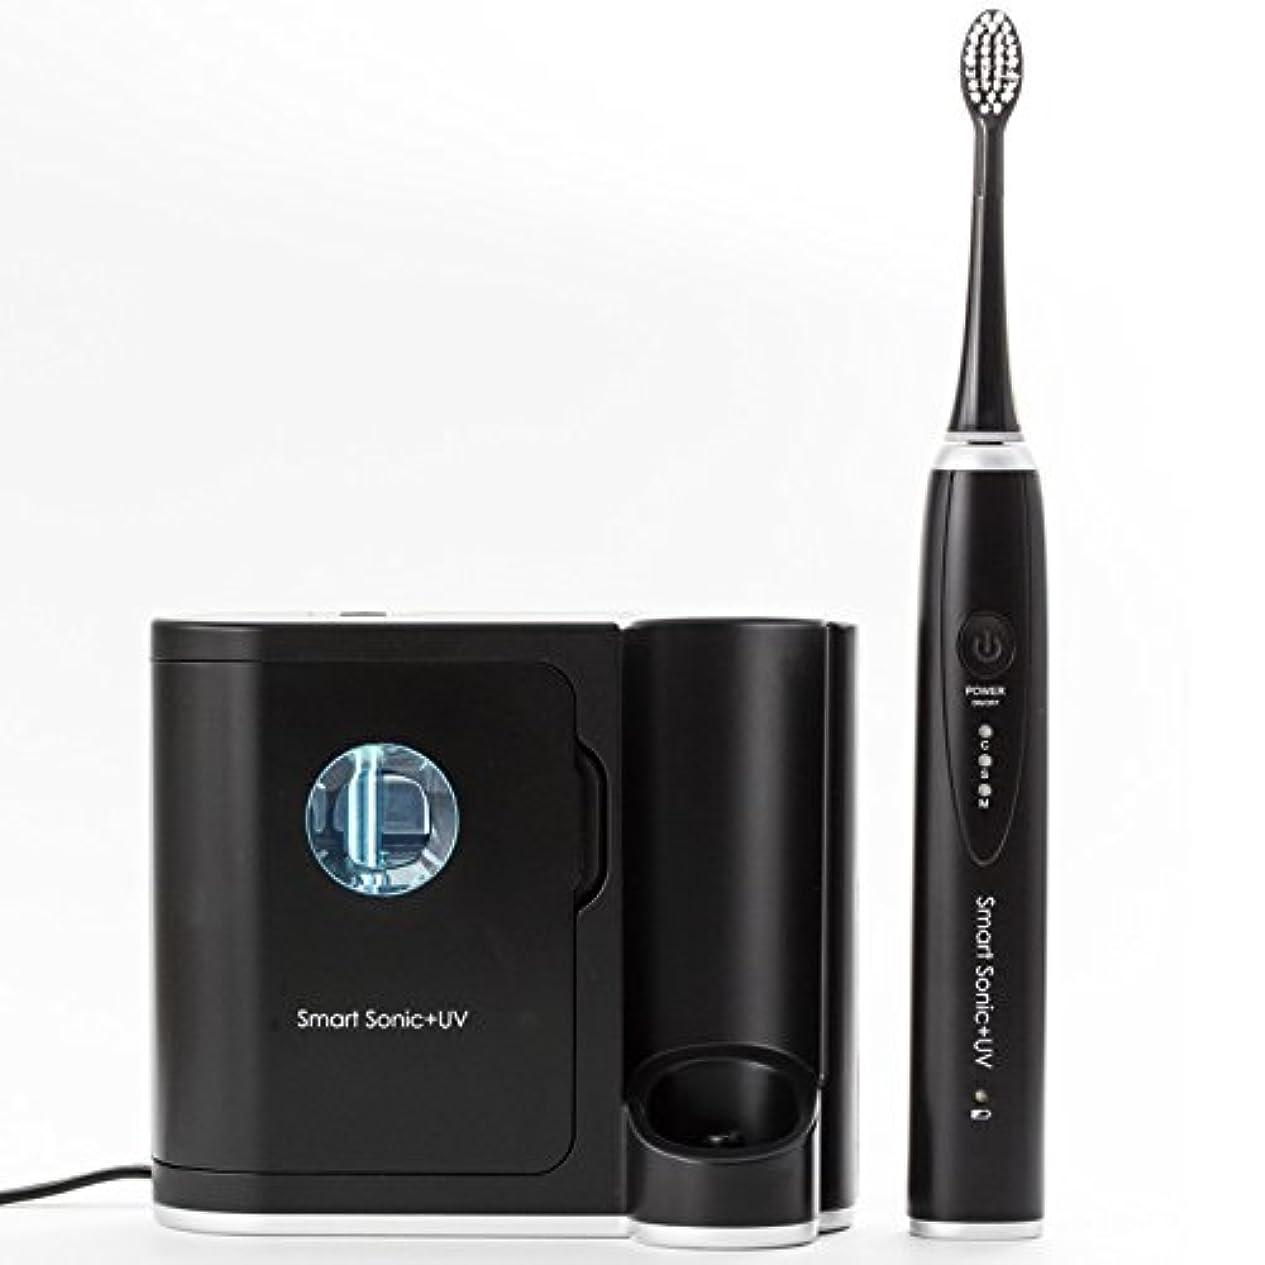 前者建築忌避剤音波歯ブラシ UV 紫外線除菌 歯ブラシ 殺菌機能付き 電動歯ブラシ スマートソニック プラス UV Smart Sonic UV